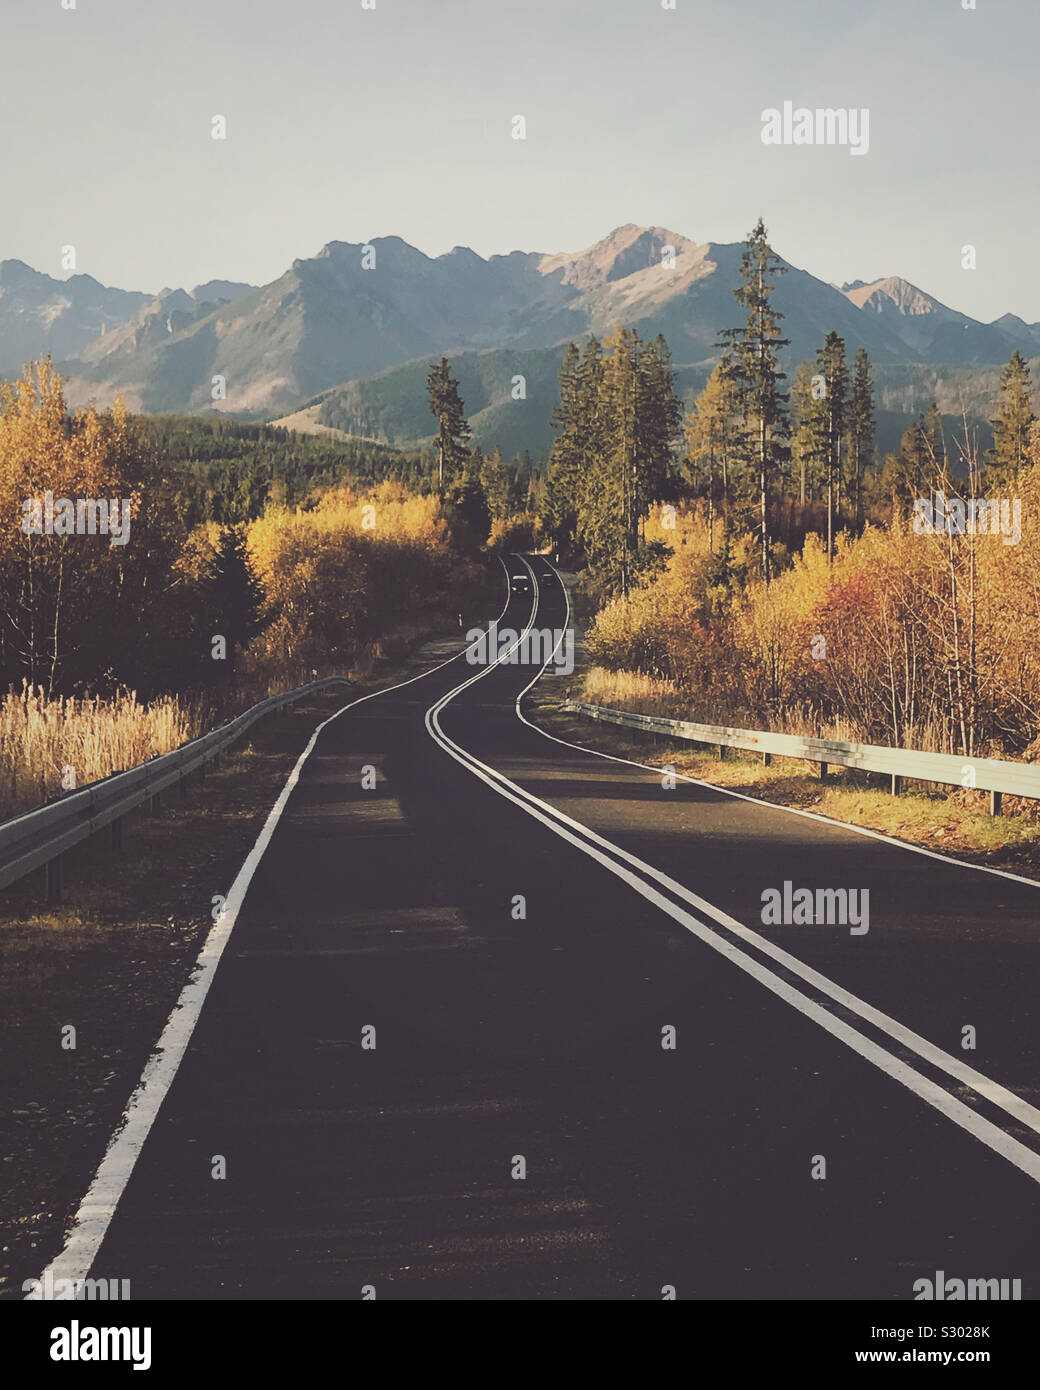 Herbst Herbst Straße Landschaft mit Blick auf die Berge. Stockfoto